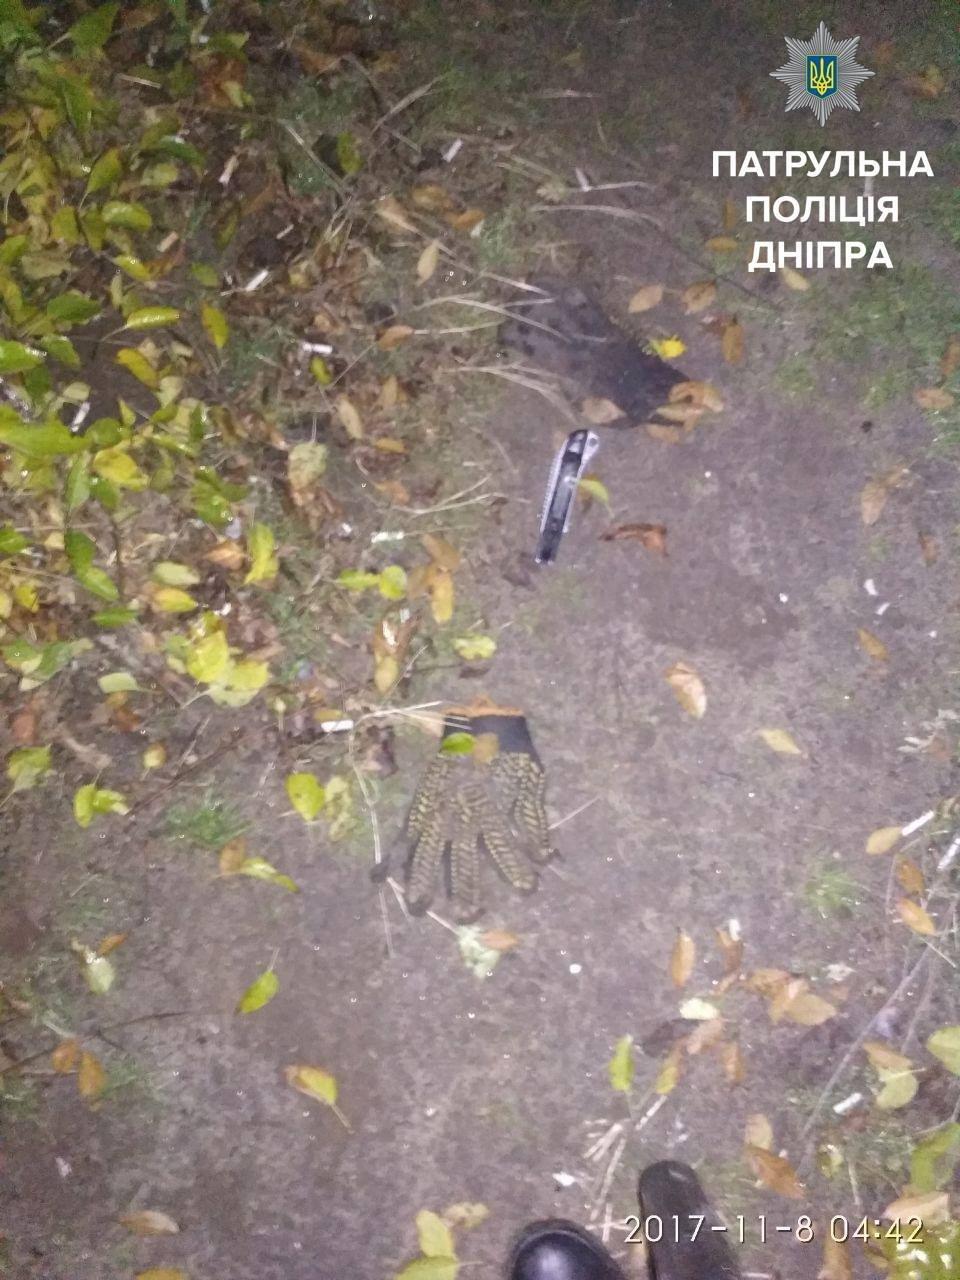 """Днепровские копы на """"горячем"""" поймали воров кабеля (ФОТО), фото-2"""